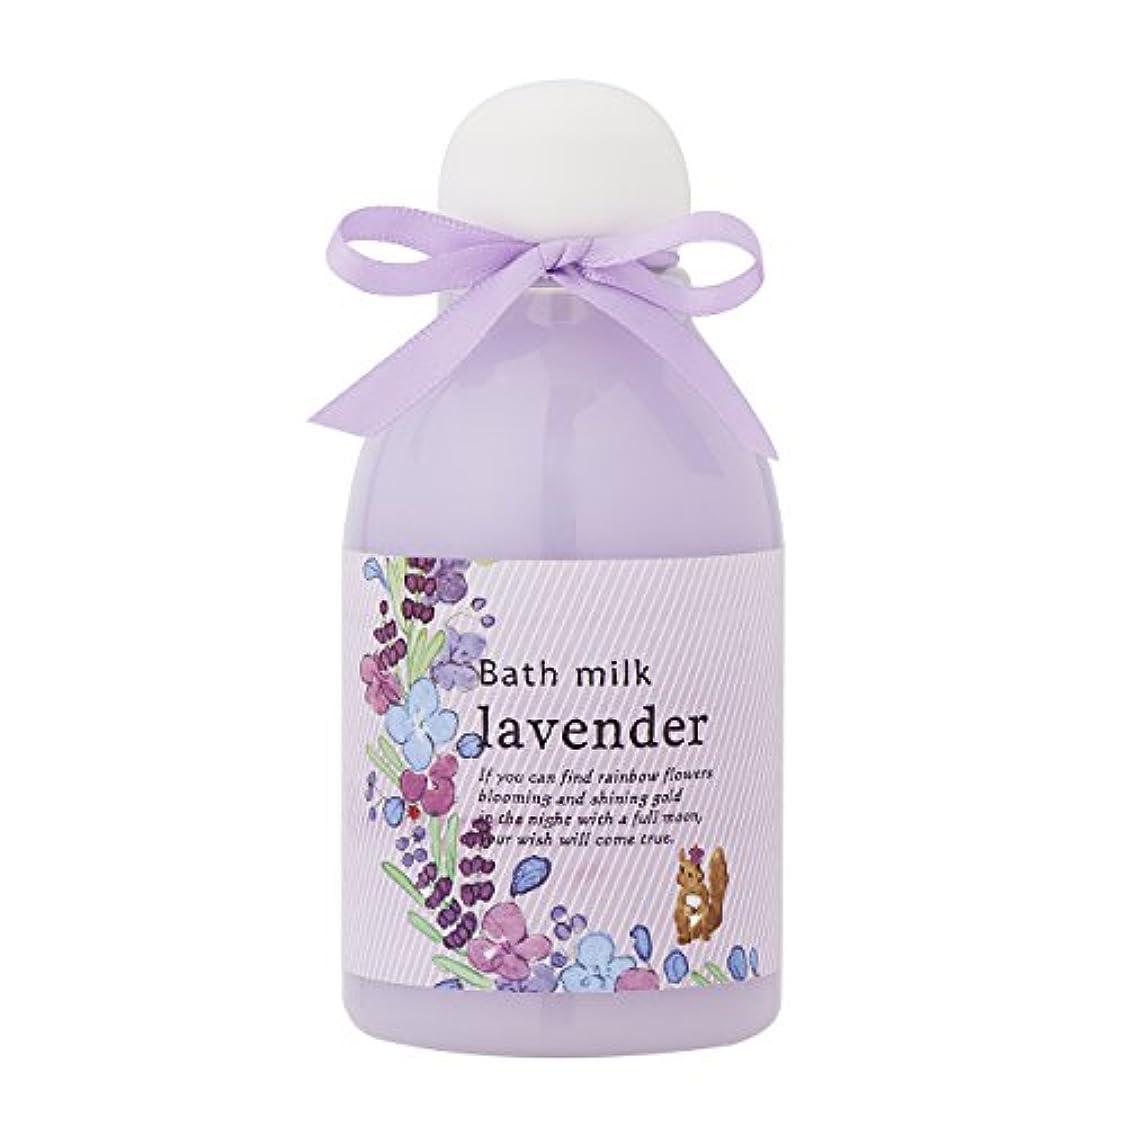 通り商品イブニングサンハーブ バスミルク ラベンダー 200ml(バブルバスタイプ入浴料 泡風呂 ふわっと爽やかなラベンダーの香り)